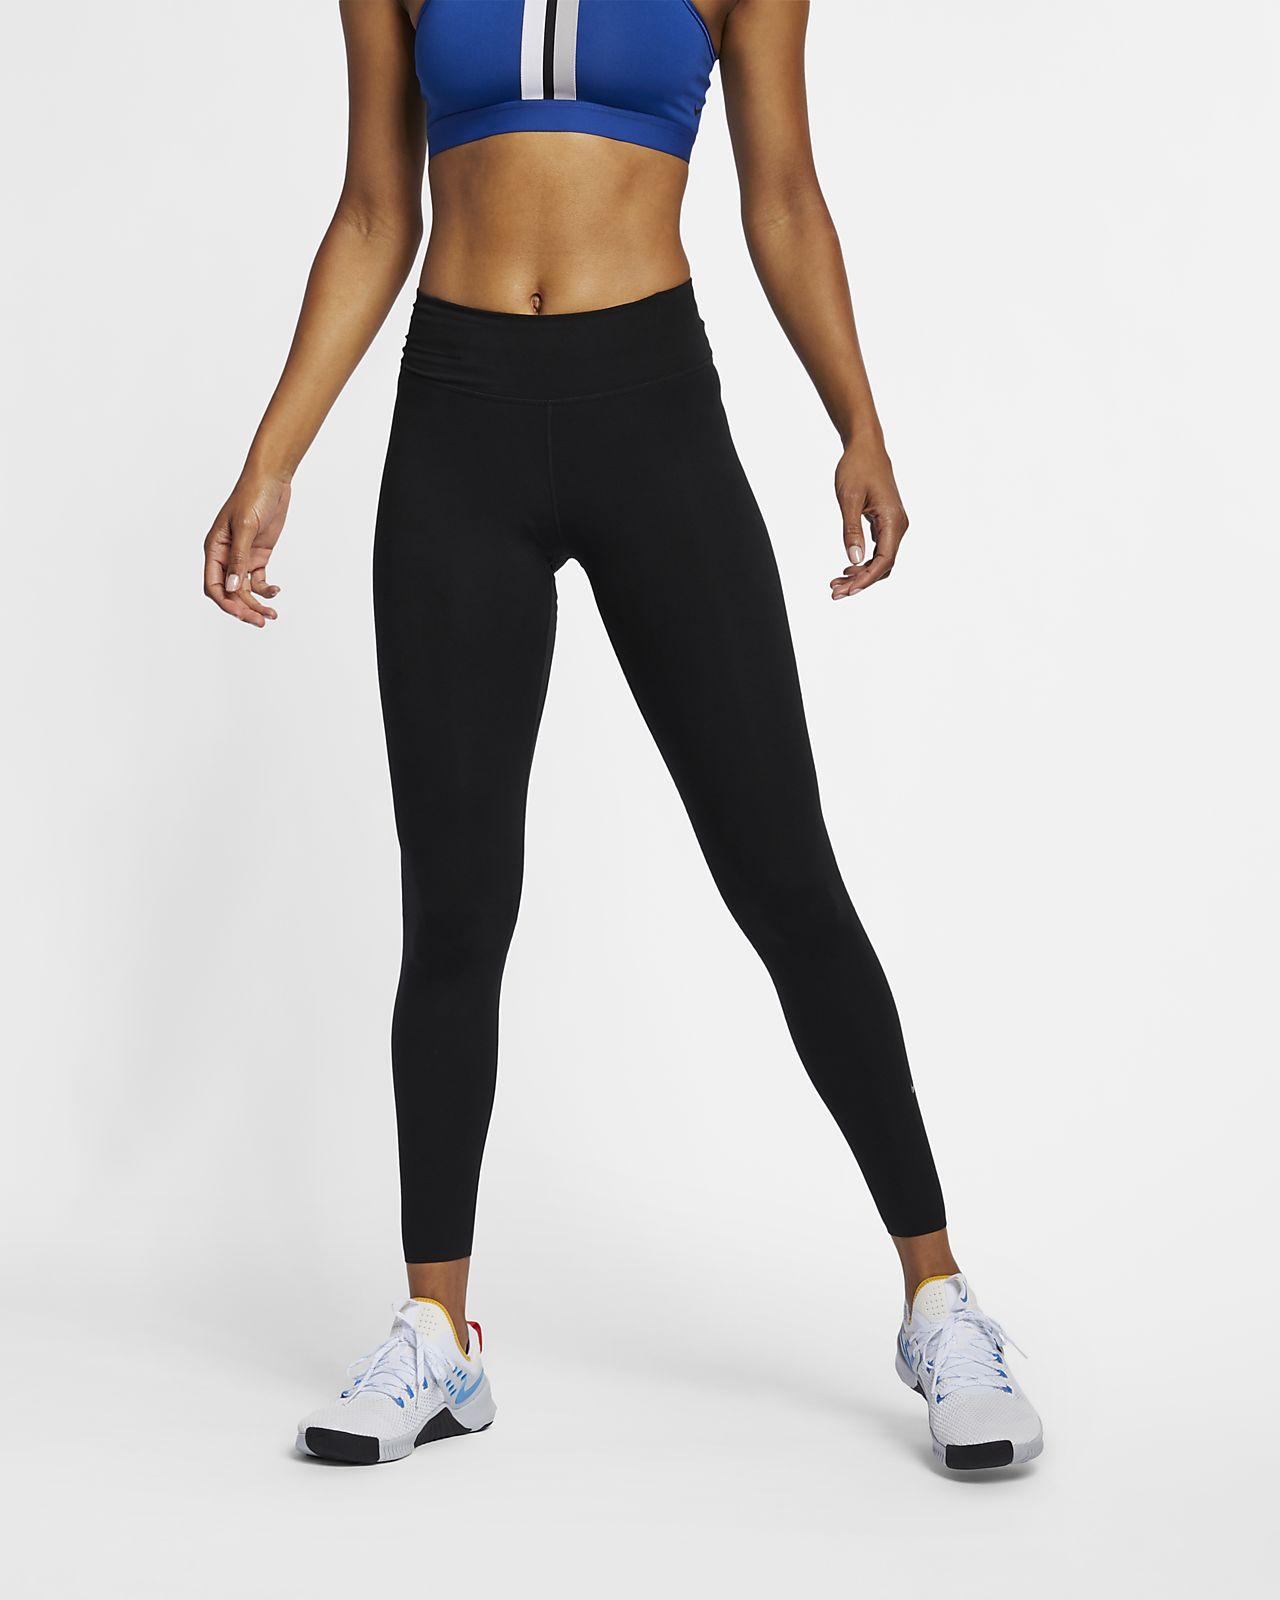 Dámské legíny Nike One Luxe